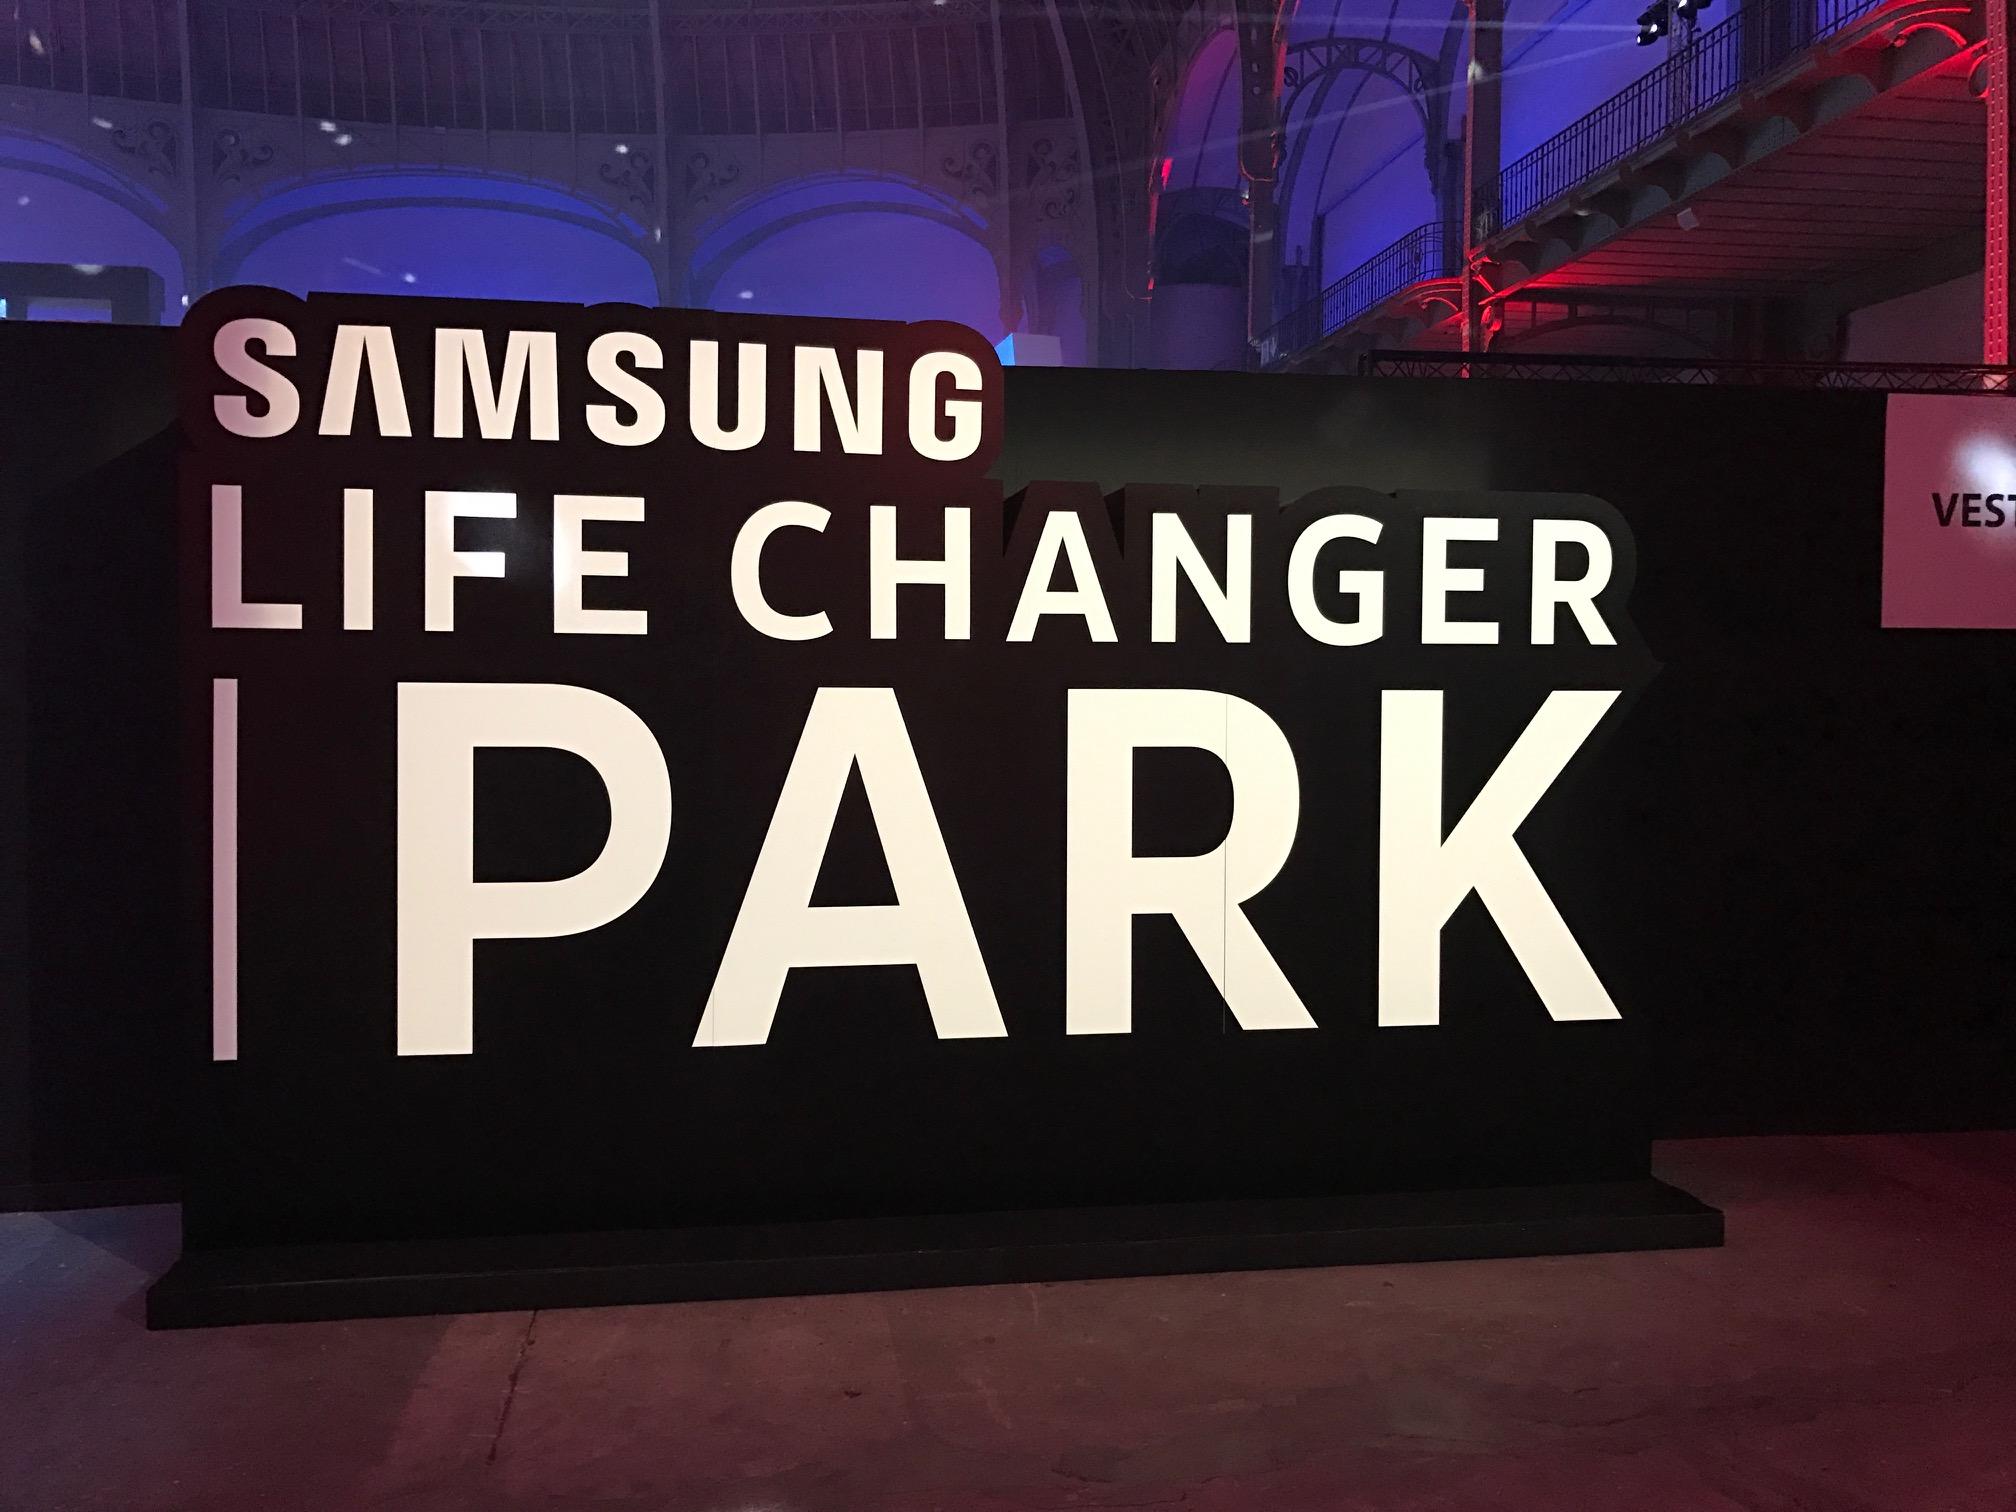 Nous avons visité le Samsung Life Changer Park au Grand Palais, un parc d'attraction gratuit dédié à la VR